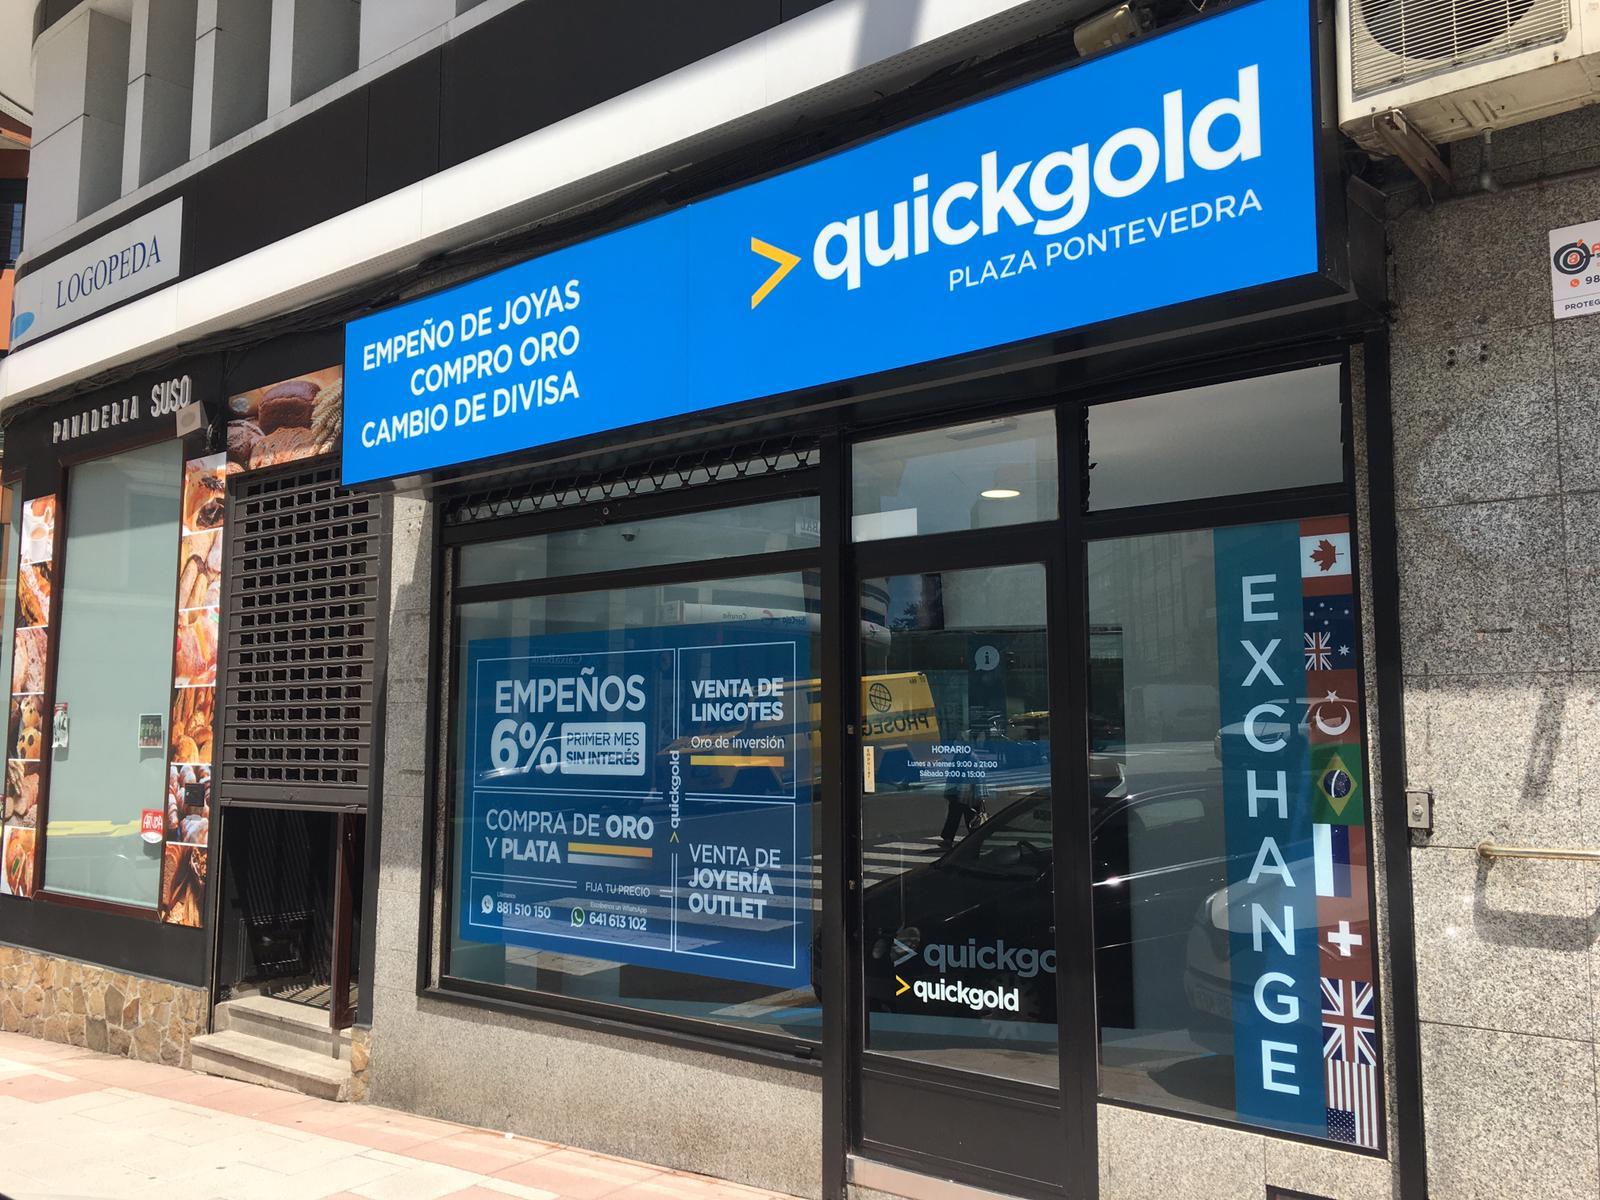 Apertura nueva tienda Quickgold en La Coruña (Plaza Pontevedra)